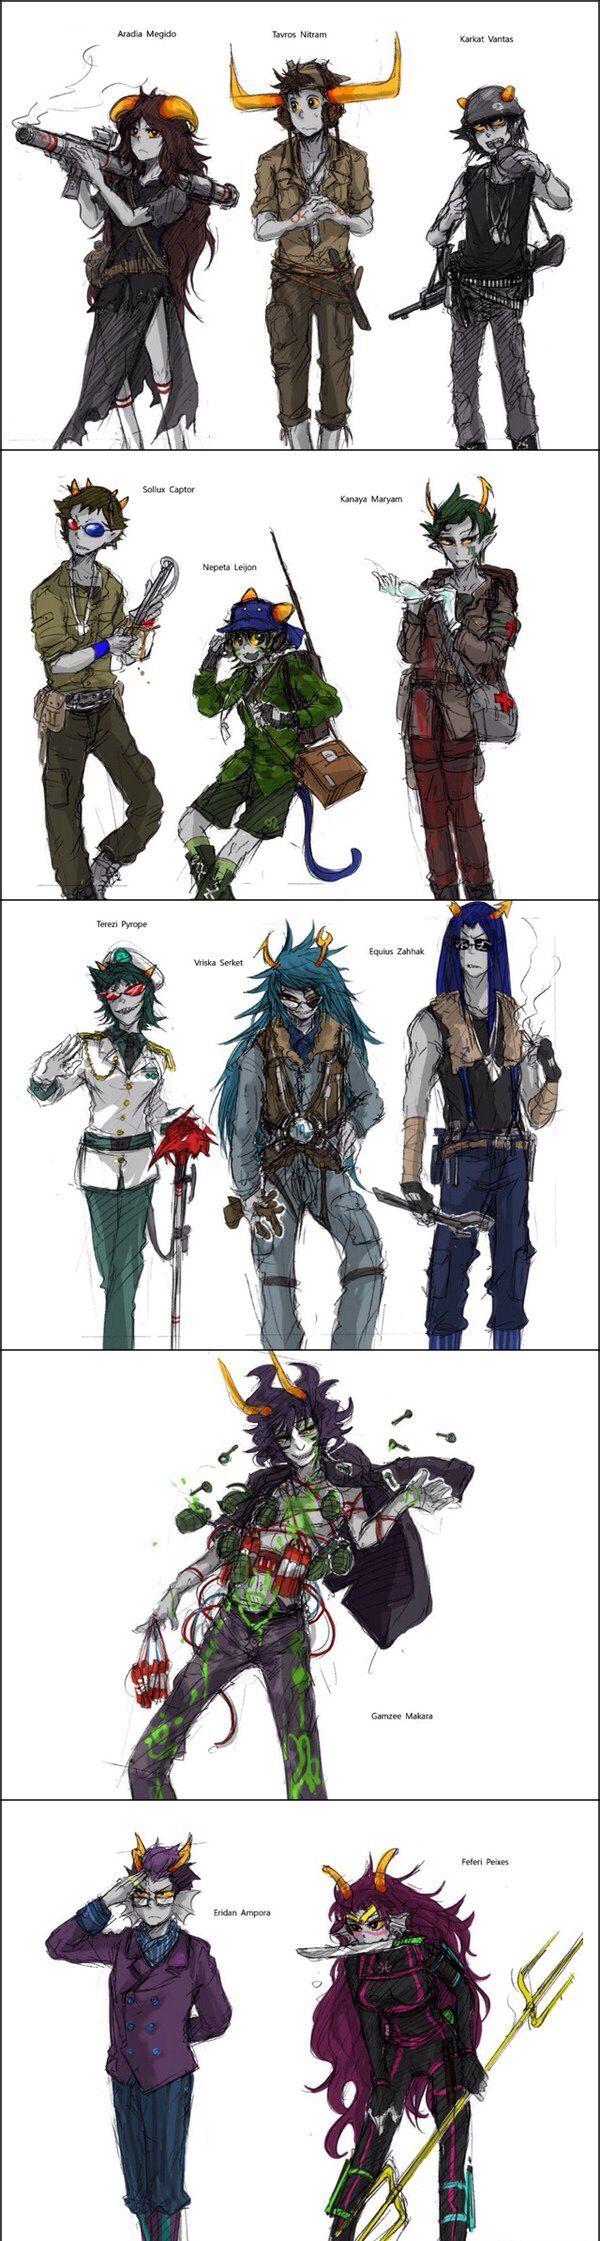 Trolls warrior style. I like it